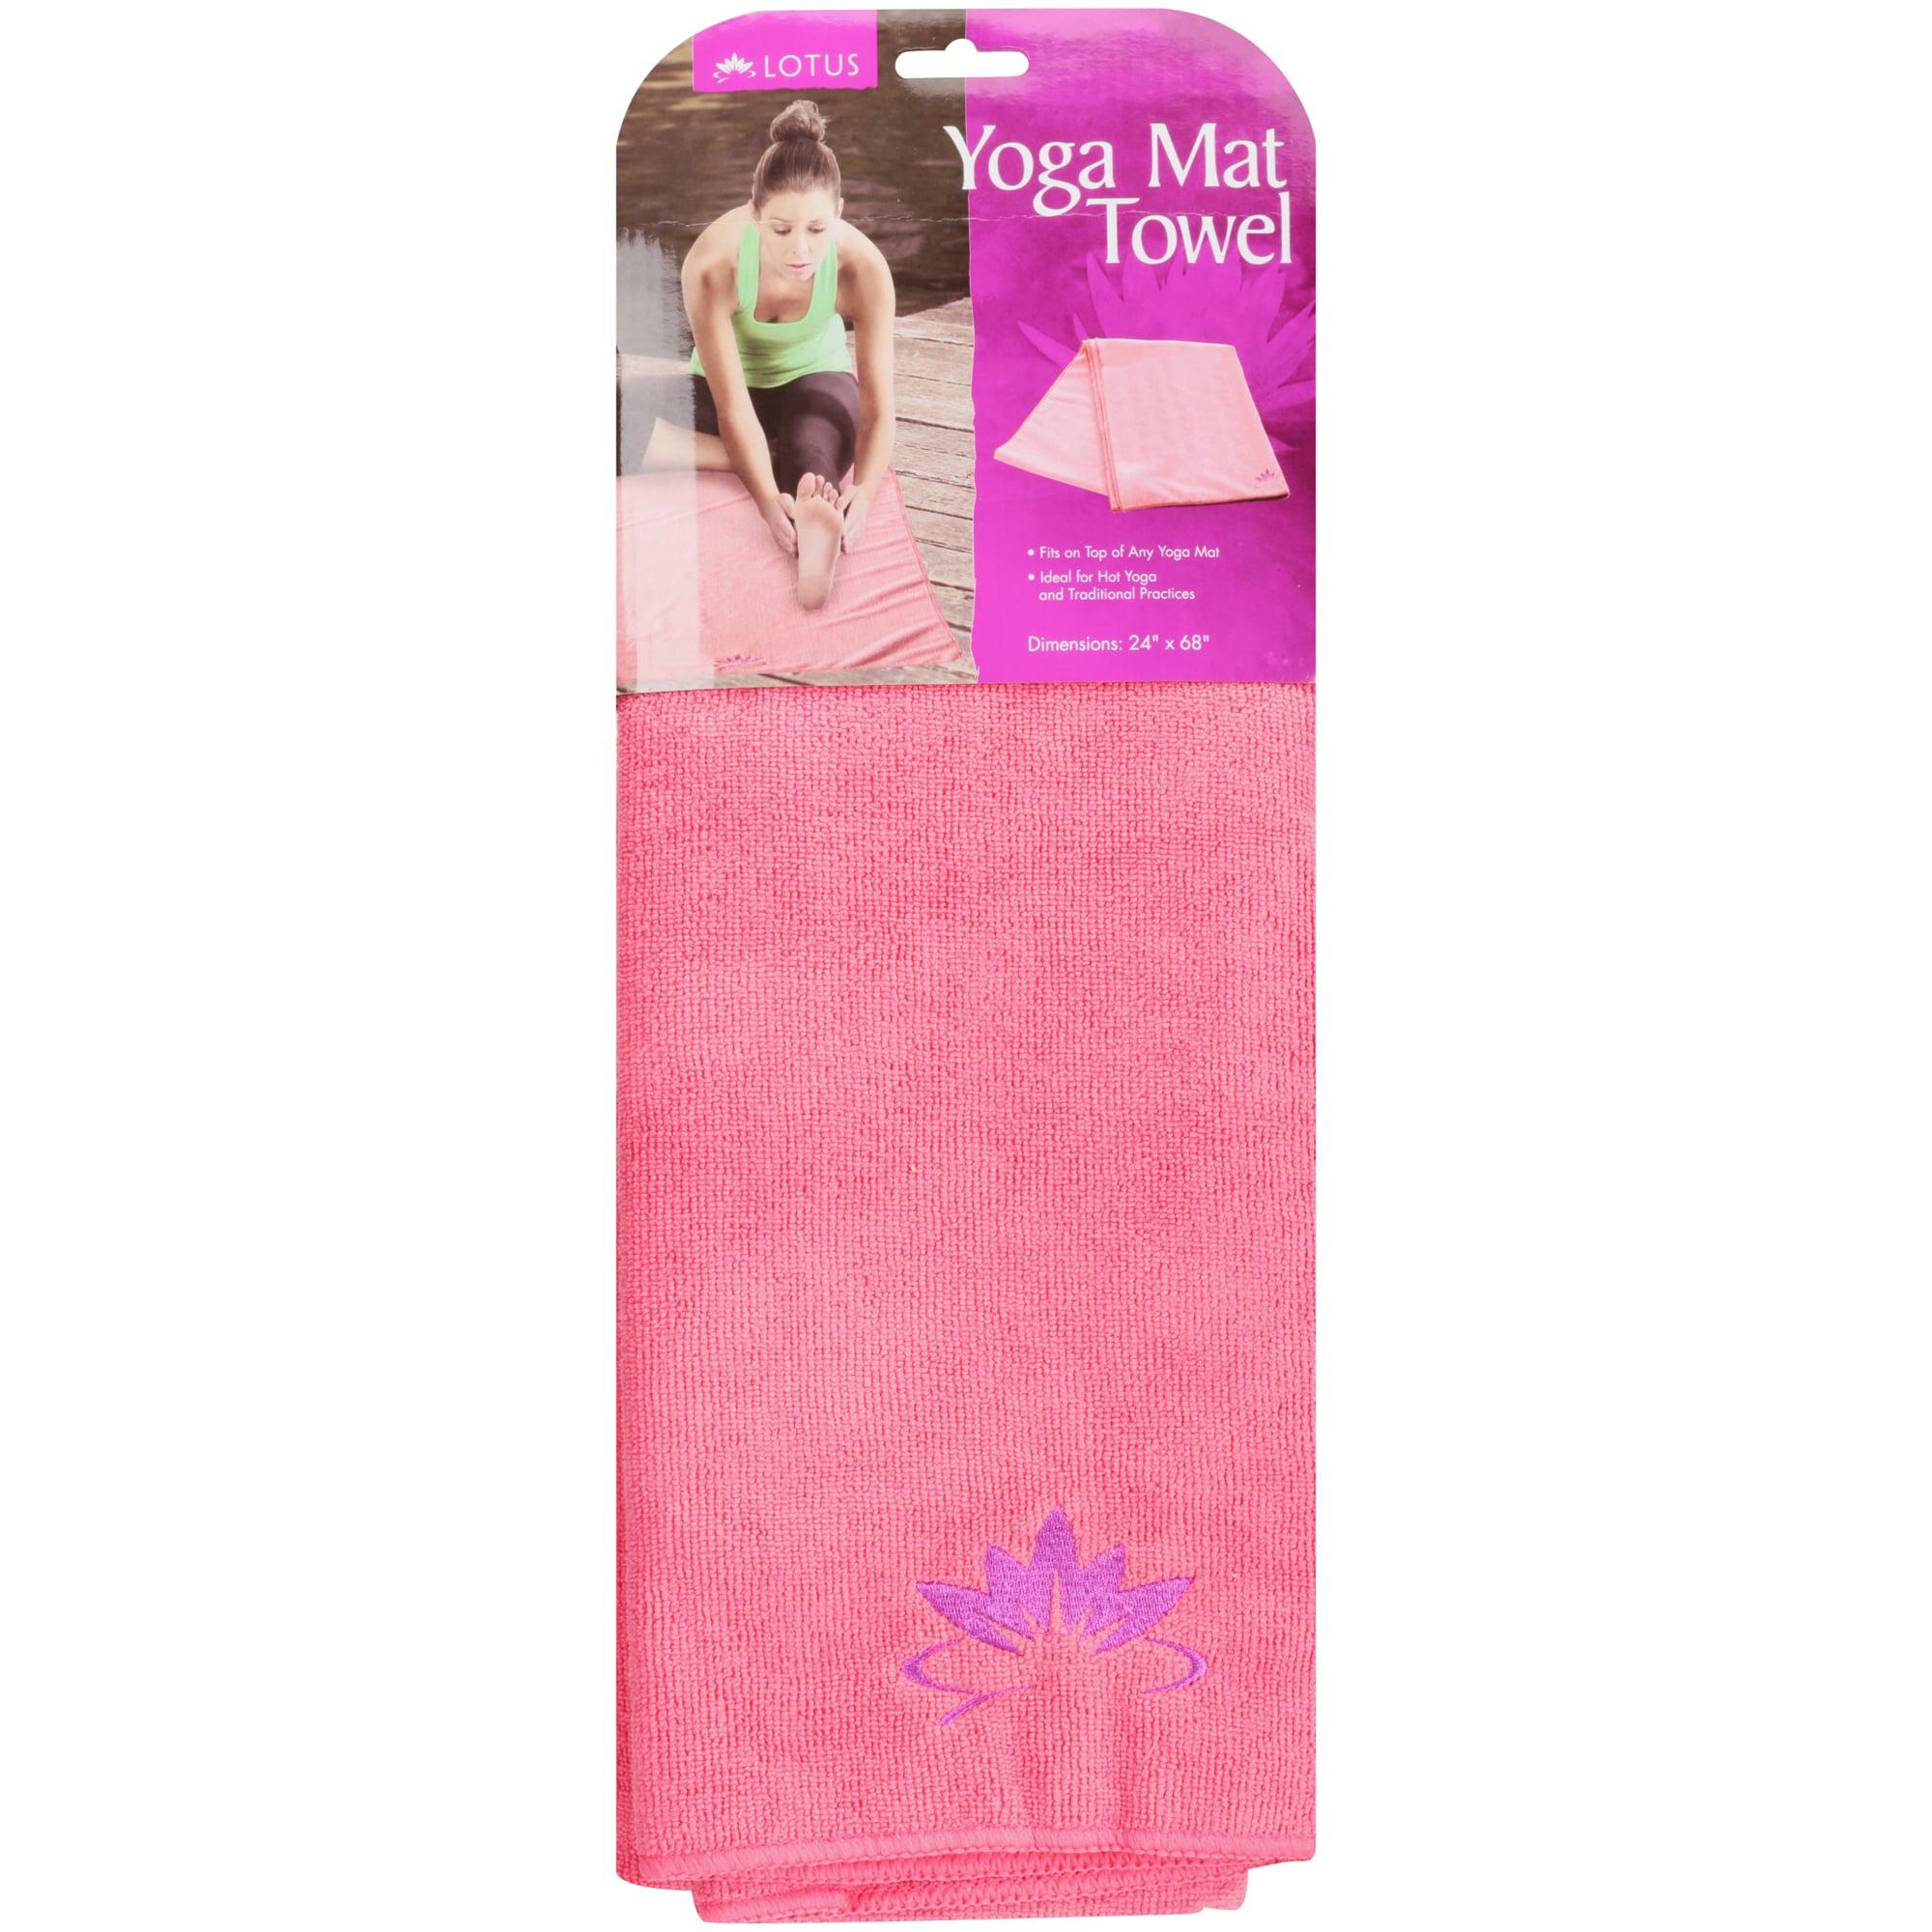 Lotus 24 X 68 Yoga Mat Towel Walmart Com Walmart Com